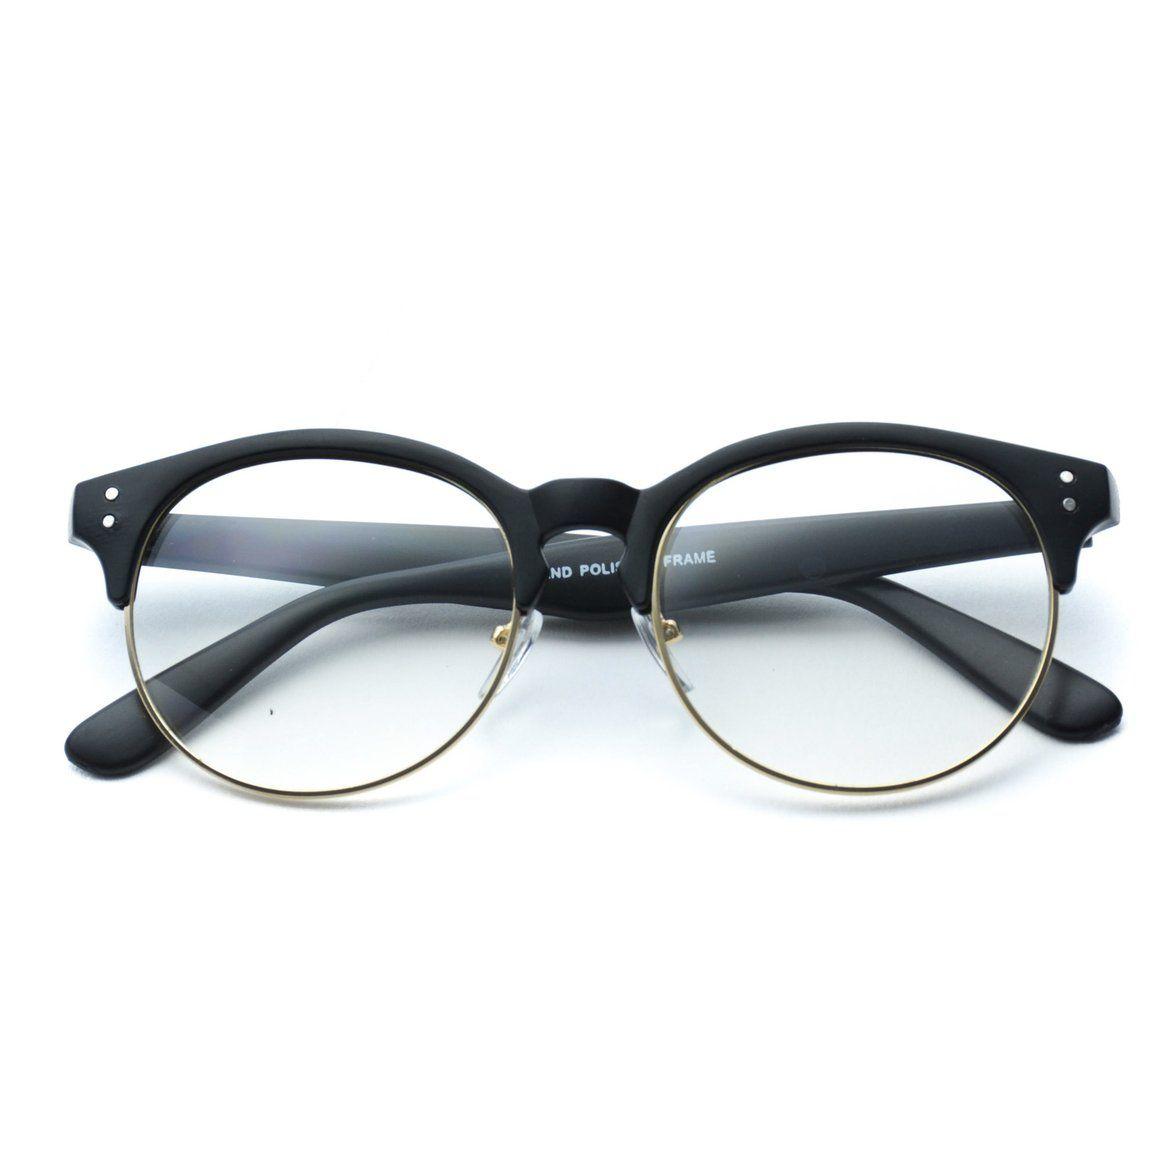 b6ff3e0b11 Winter Clear Half Frame Round Retro Non Prescription Glasses - WearMe Pro